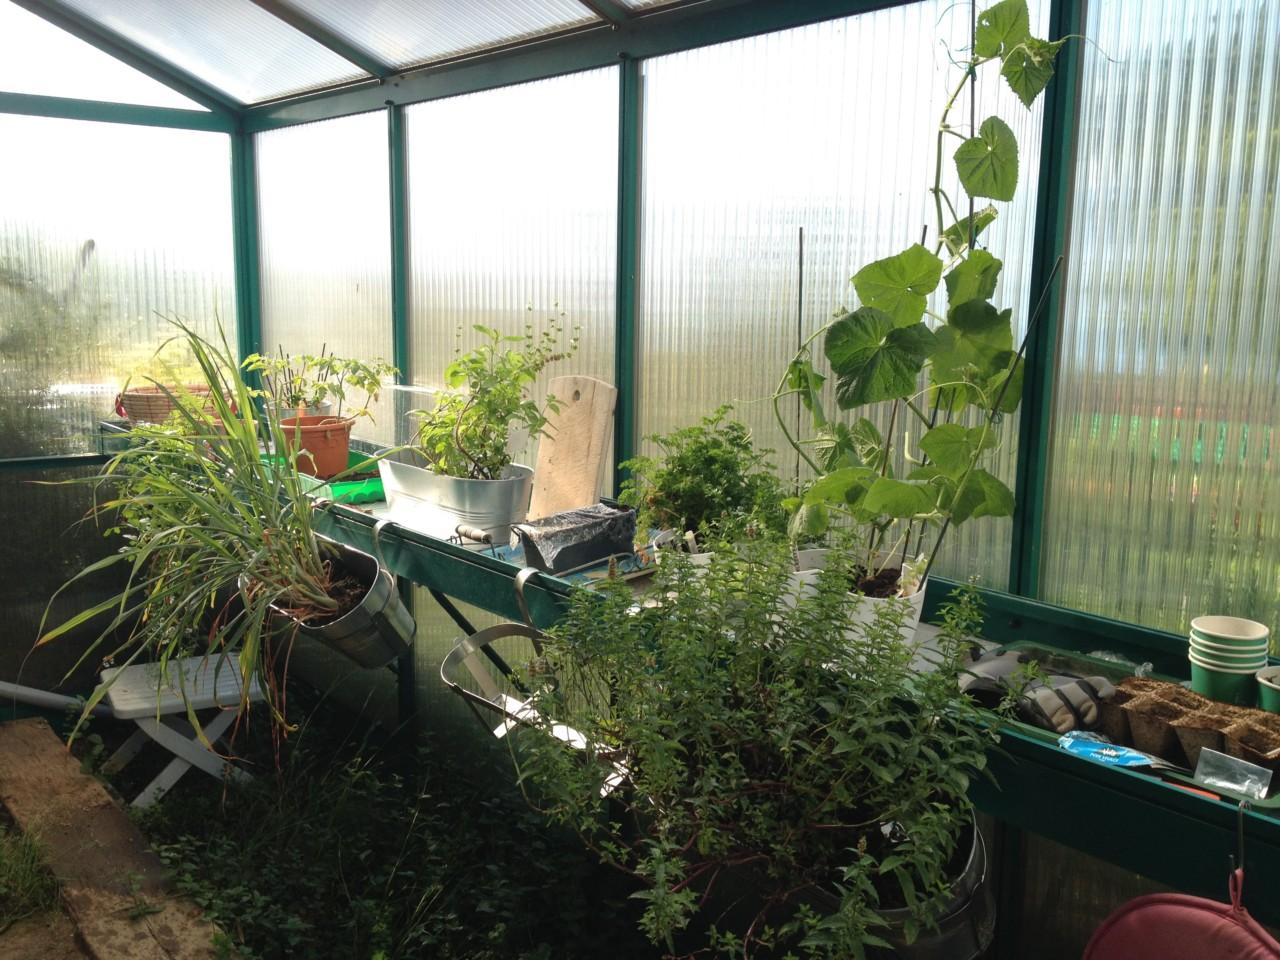 drivhus-nina-klungsoyr-fin-strek-gjesteinnlegg-green-house